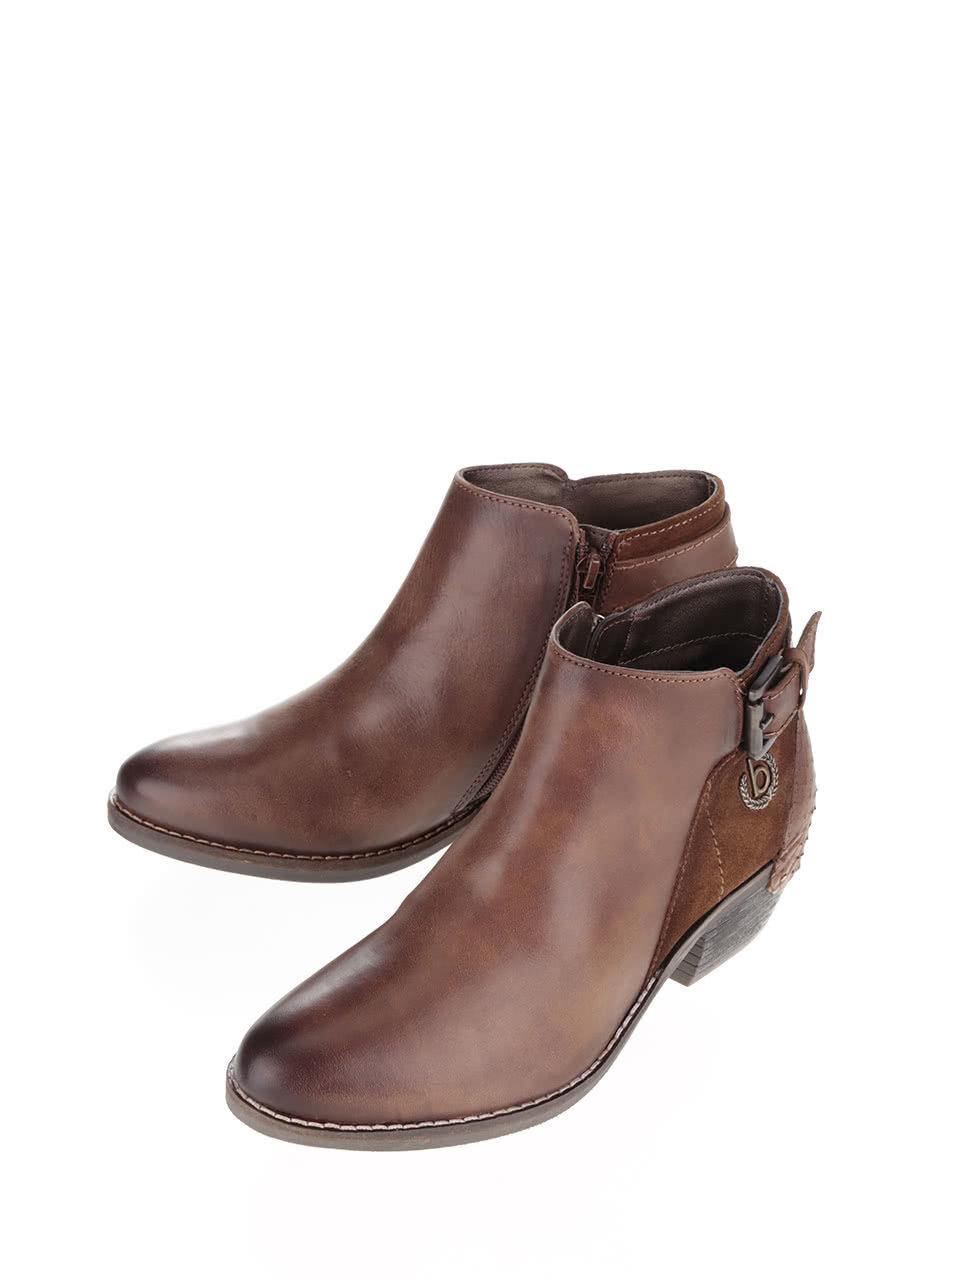 Hnědé dámské kotníkové boty s přezkou bugatti Lusie ... aa6204e9f0